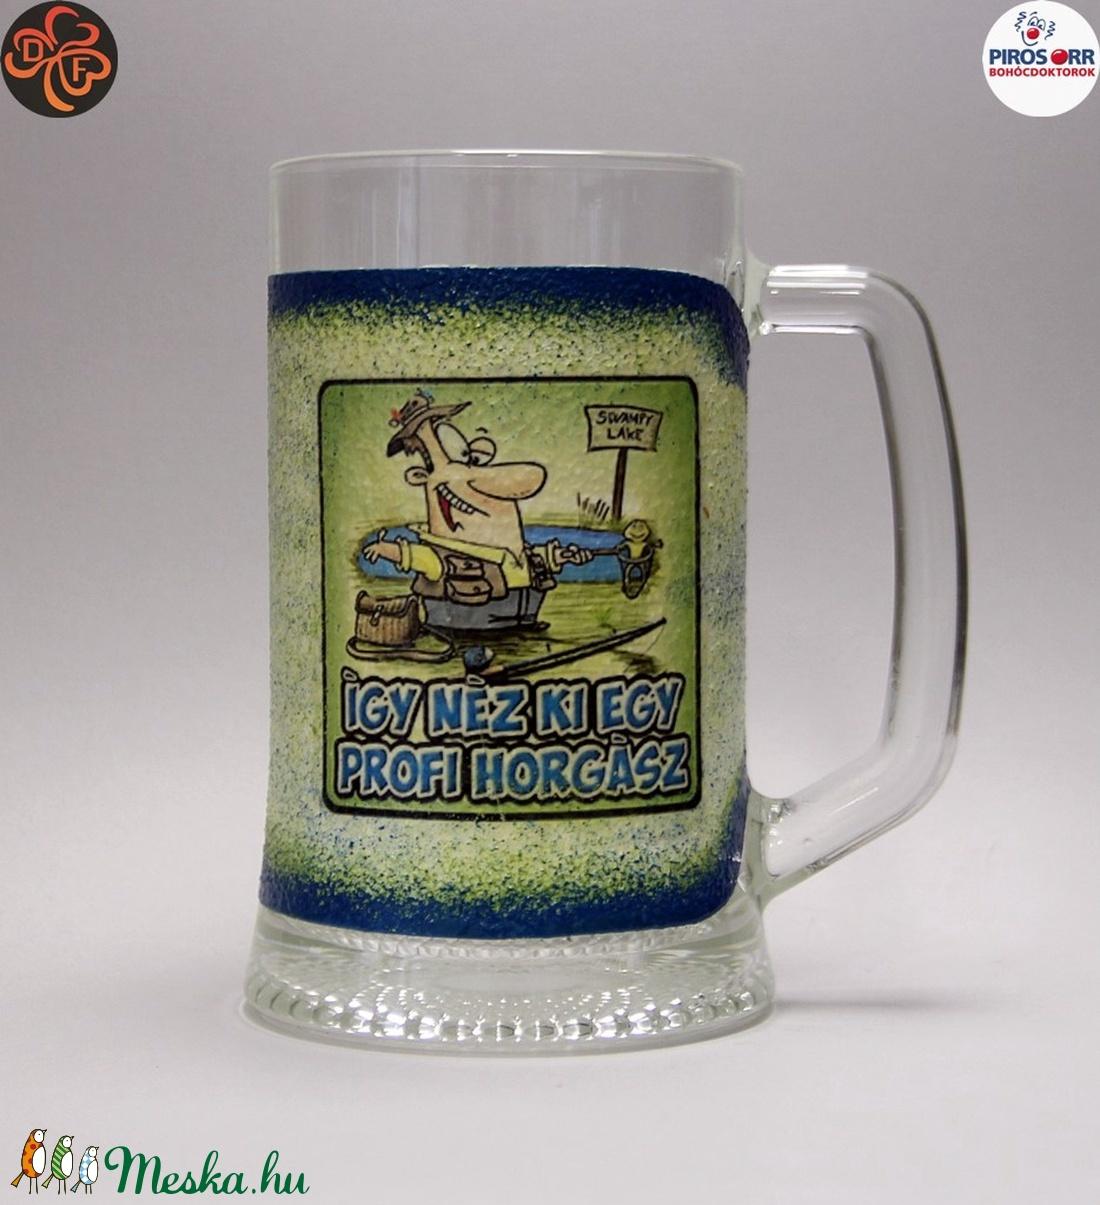 Horgász- humoros, egyedi motívummal díszített-sörös korsó.  A horgászat szerelmeseinek. .  - Meska.hu